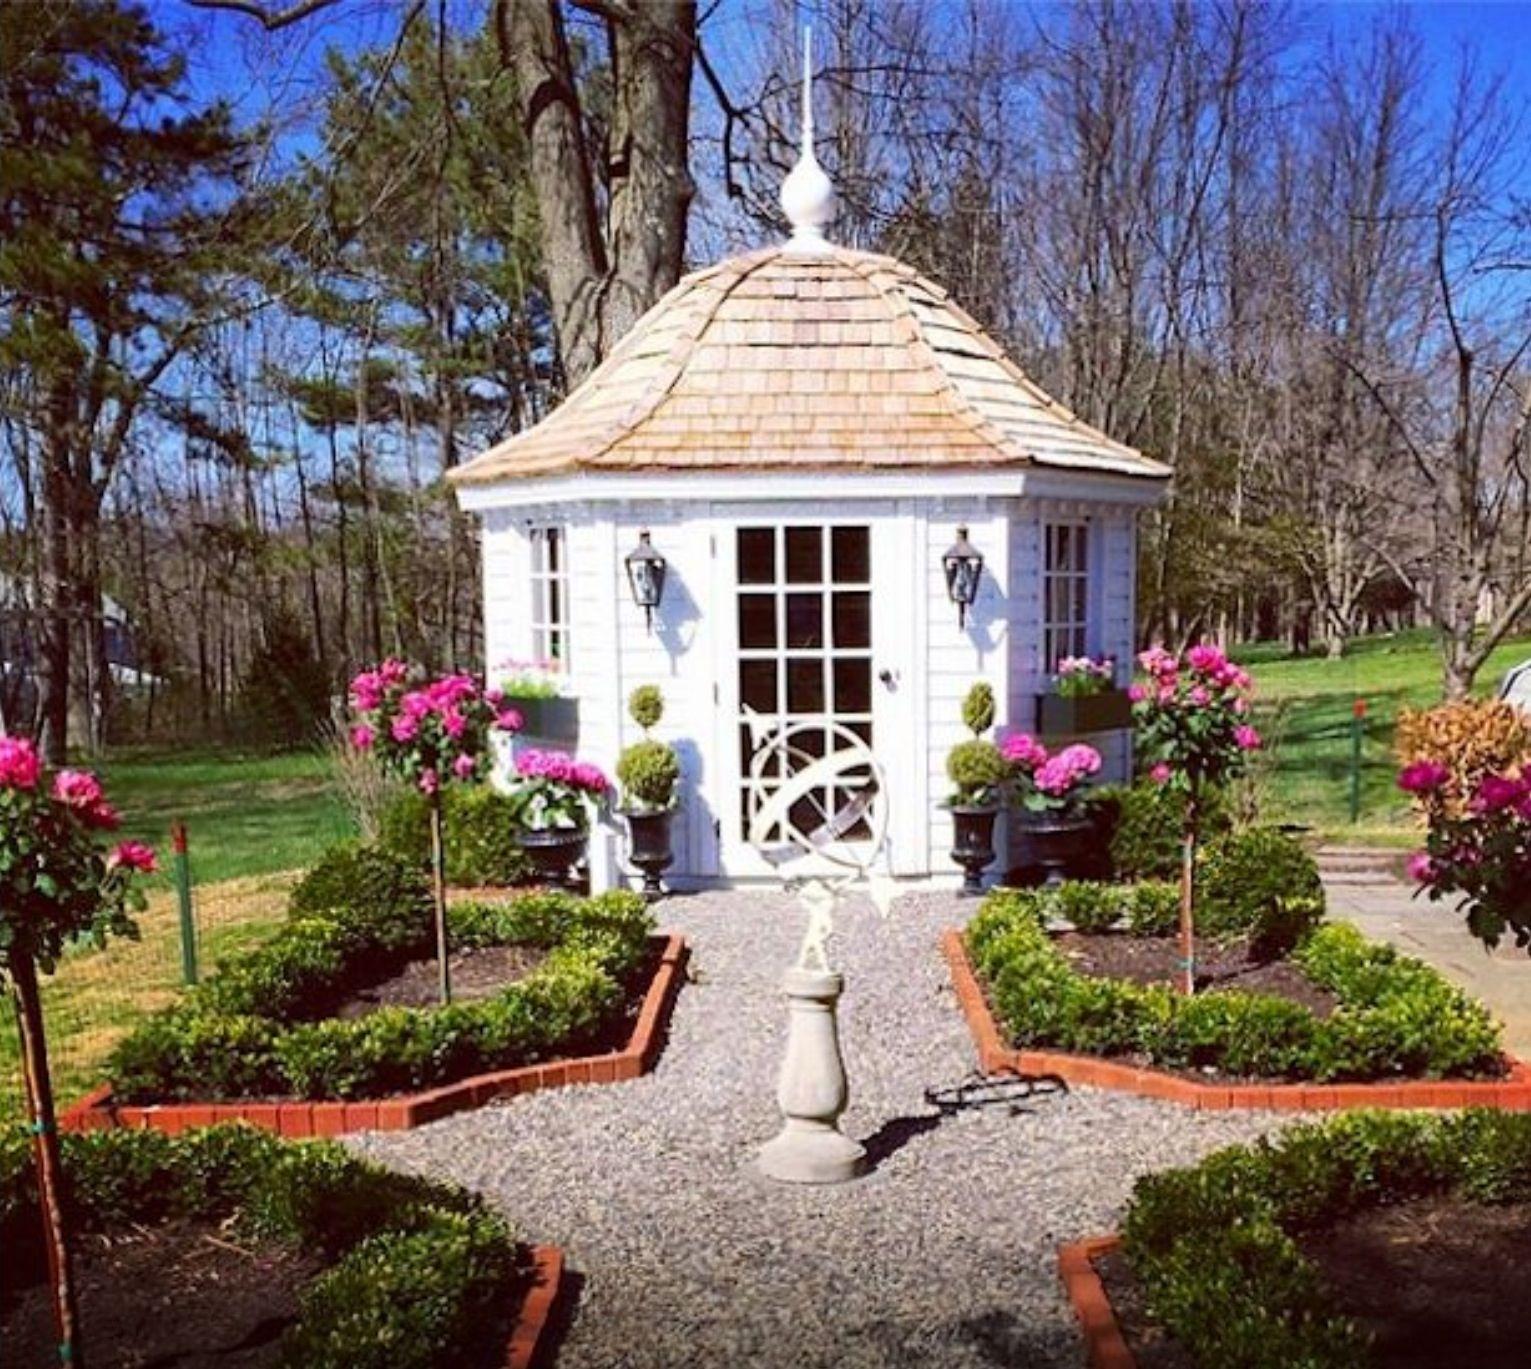 Sun house for garden gardening pinterest for The sunhouse